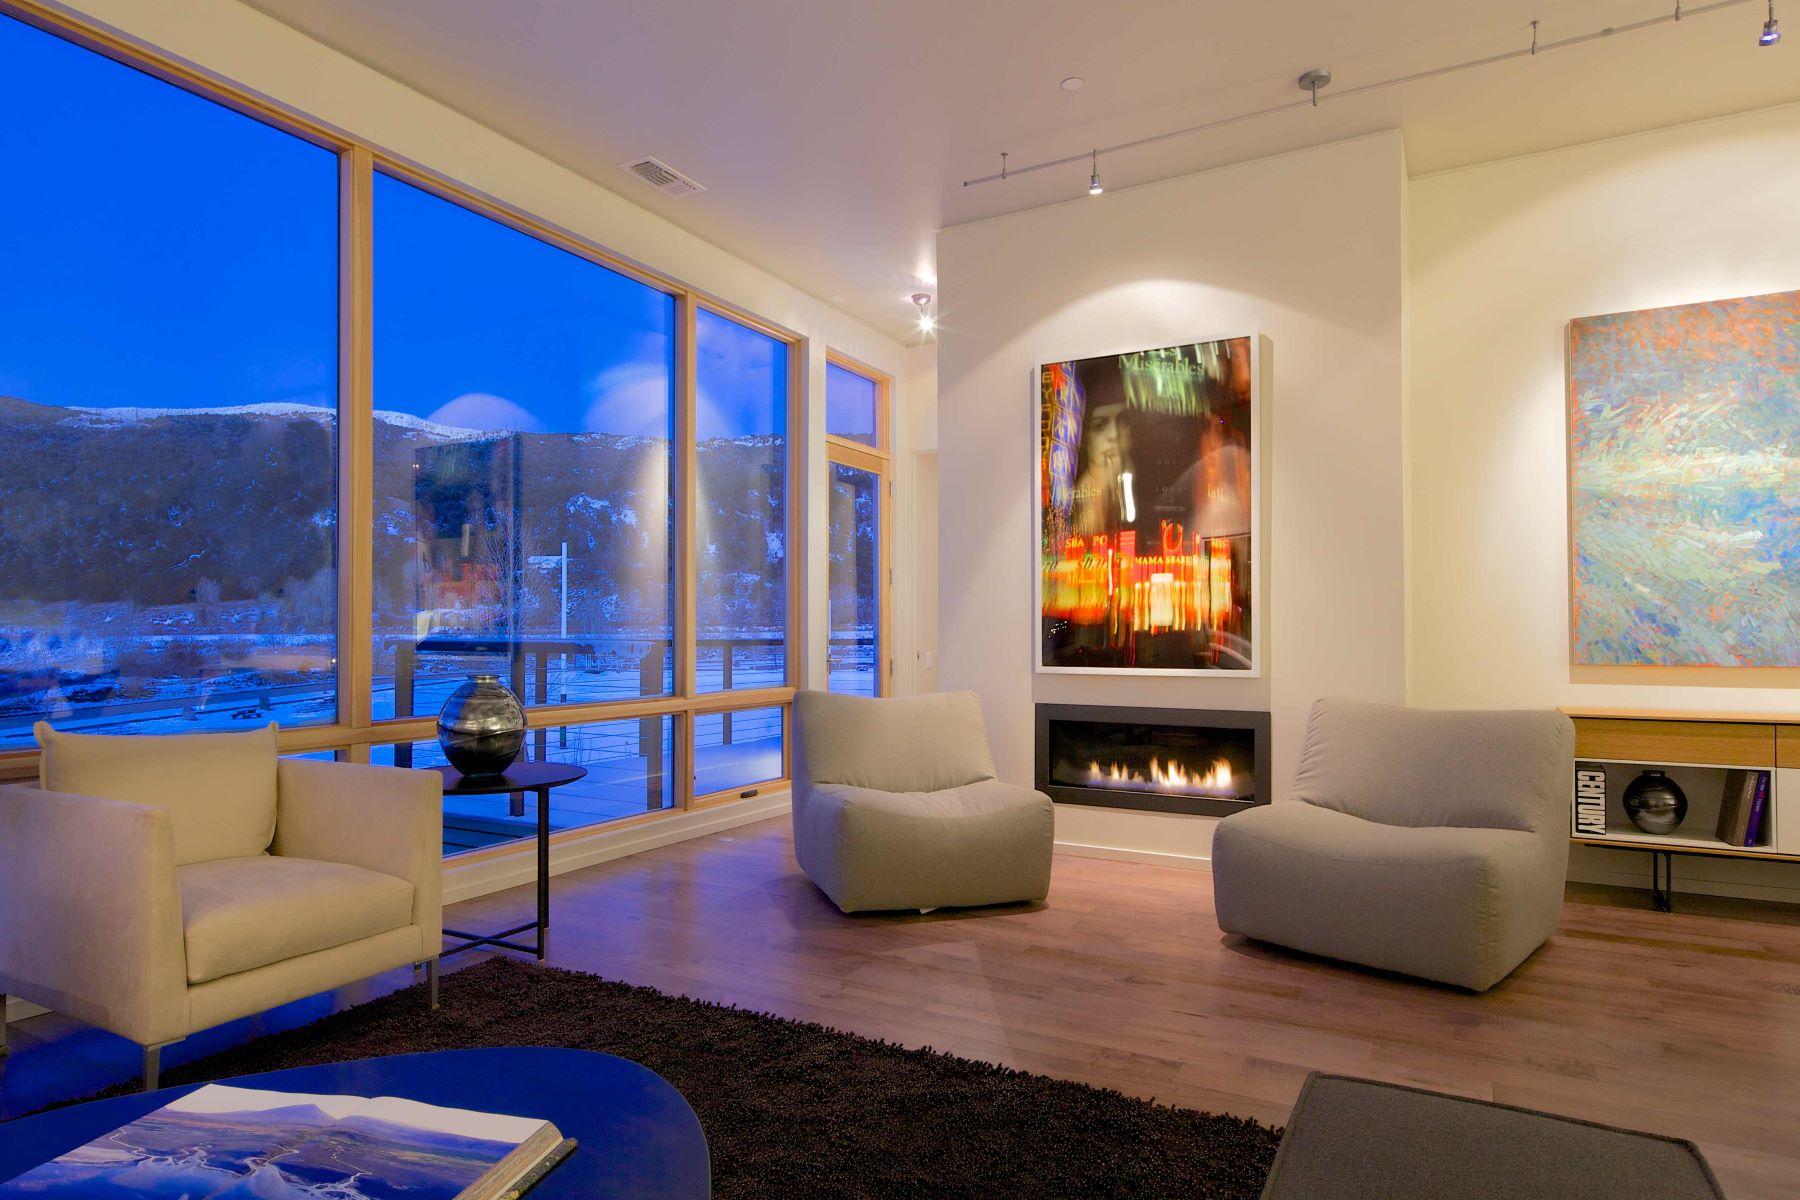 Кондоминиум для того Продажа на Park Modern in Willits 102 Evans Road, Unit 101, Basalt, Колорадо, 81621 Соединенные Штаты